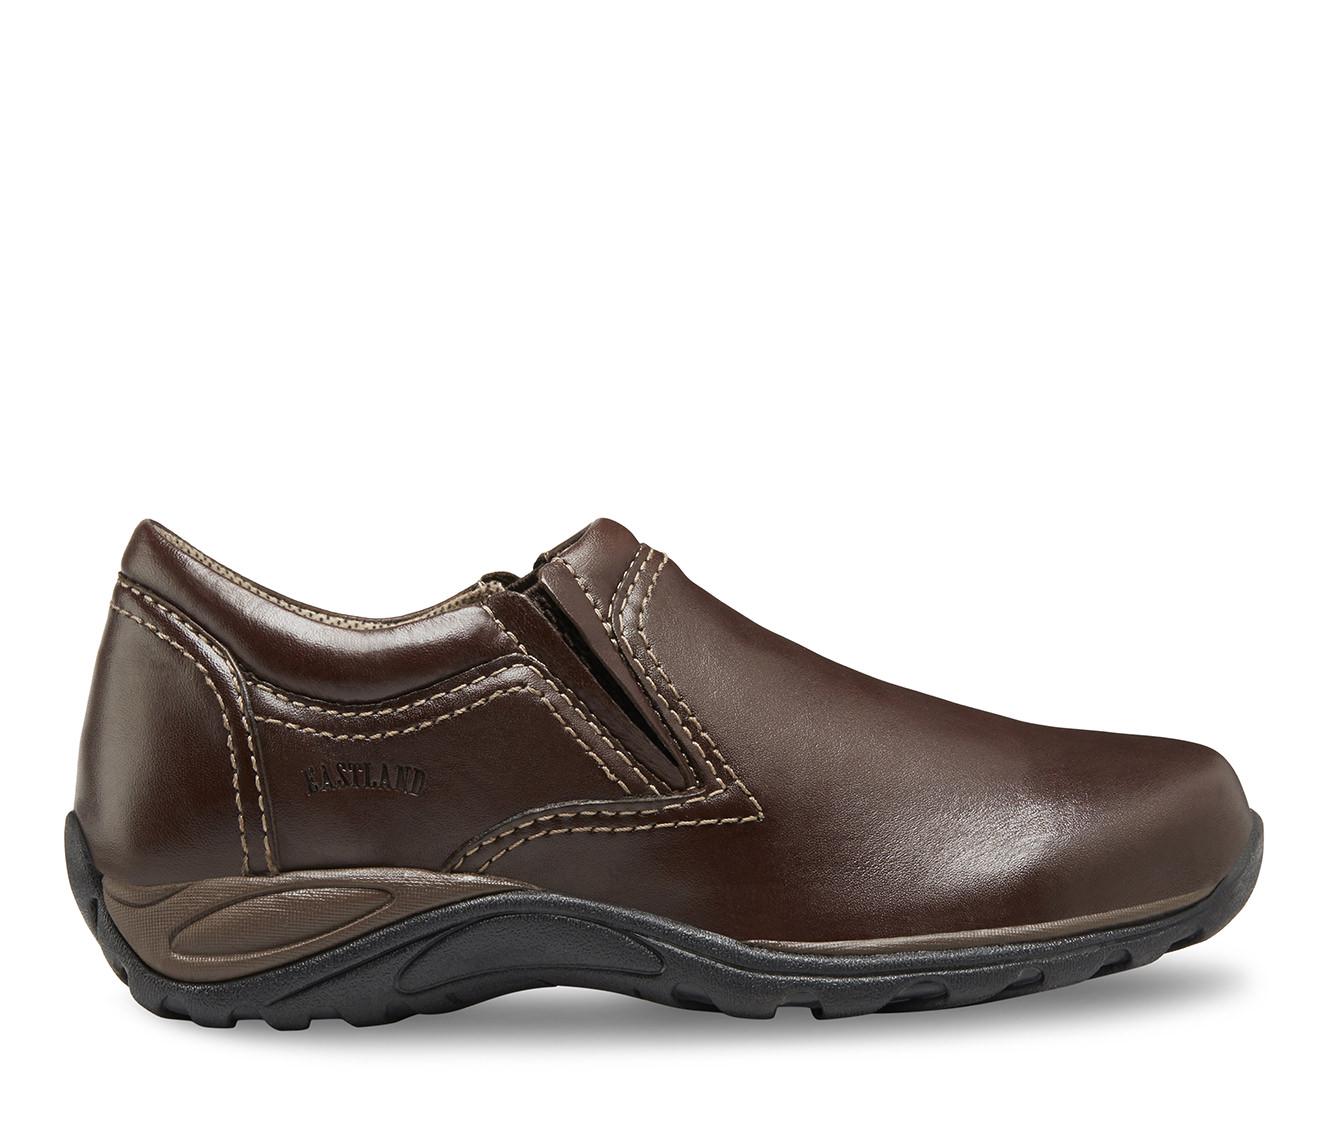 Eastland Liliana Women's Shoe (Brown Leather)